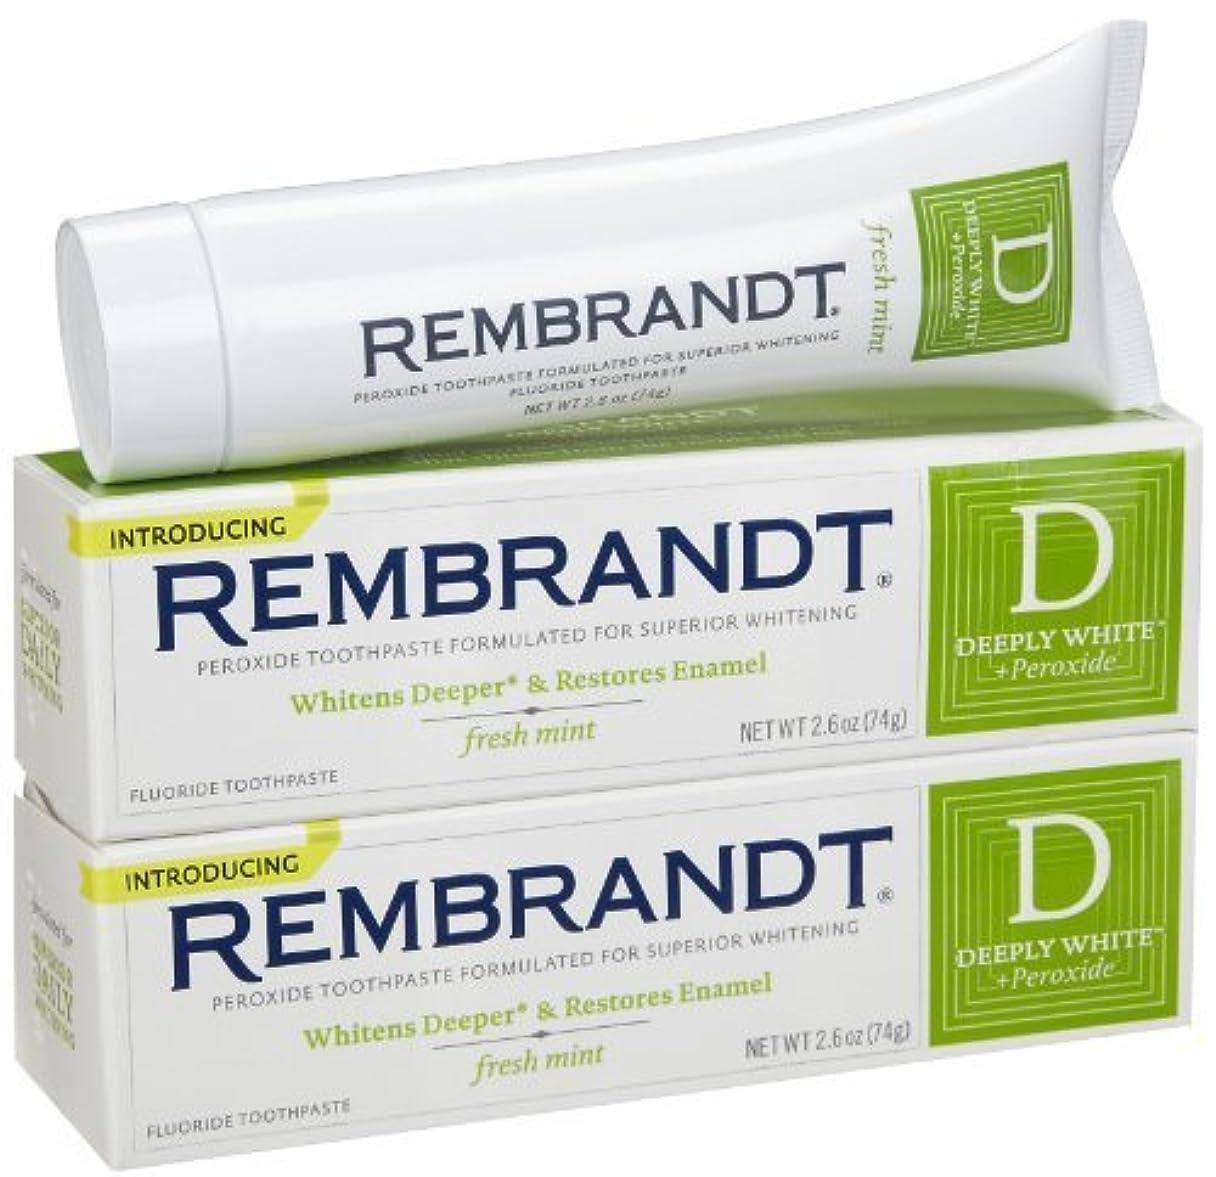 温度計賢明な未満Rembrandt Fluoride Toothpaste, Mint - 2.6 oz - 2 pk [並行輸入品]